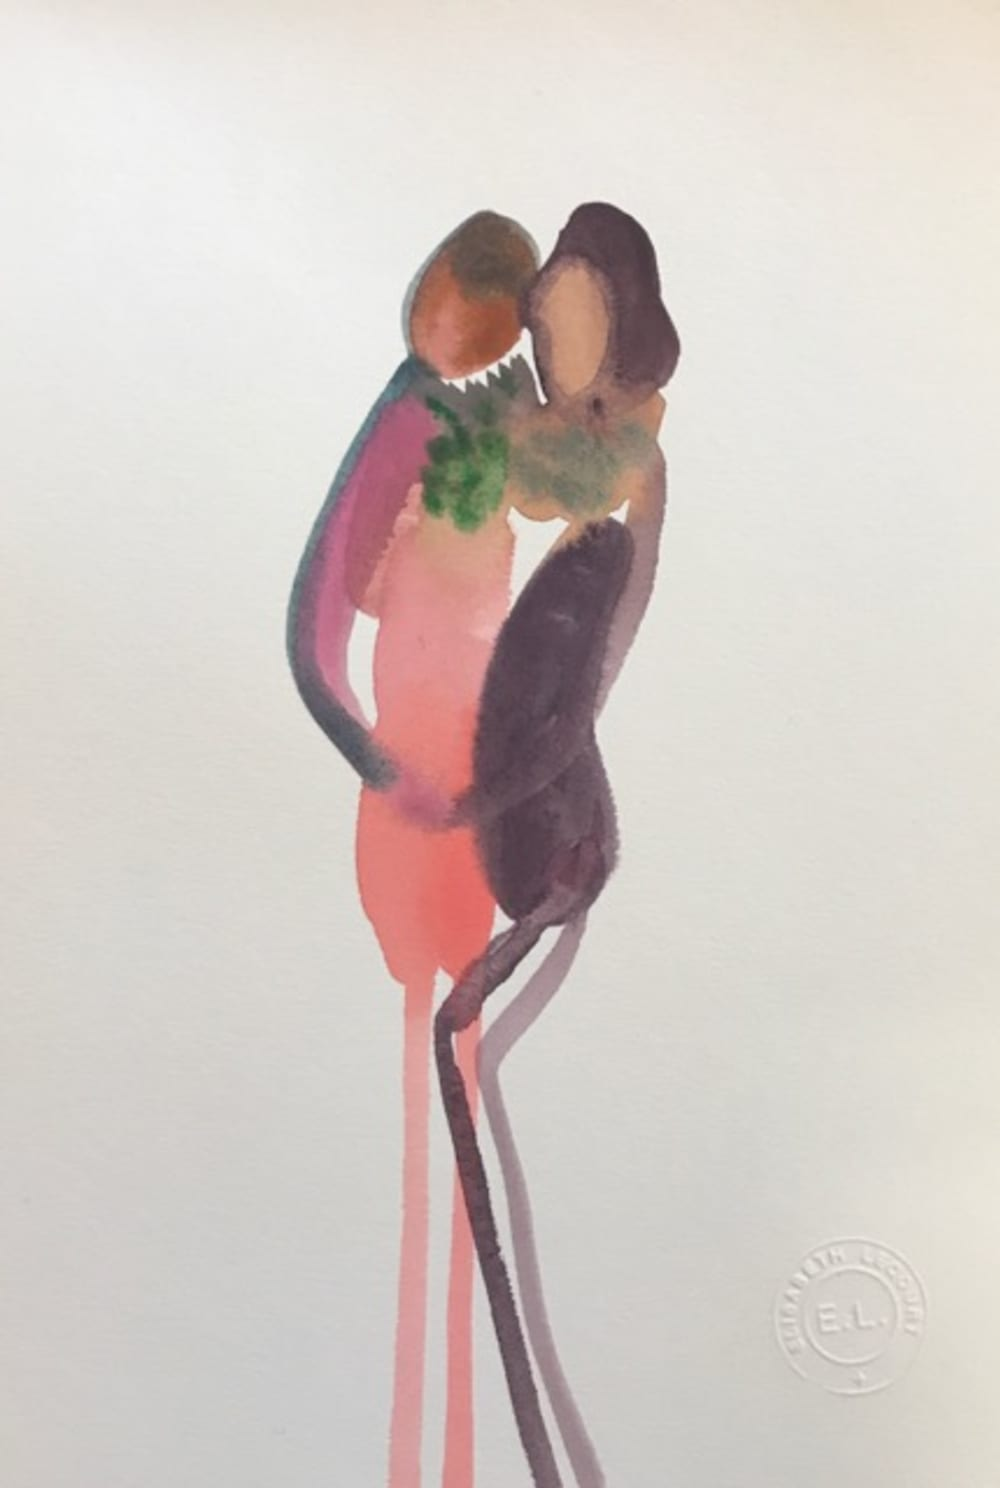 Les raisins en collier - Elisabeth Lecourt